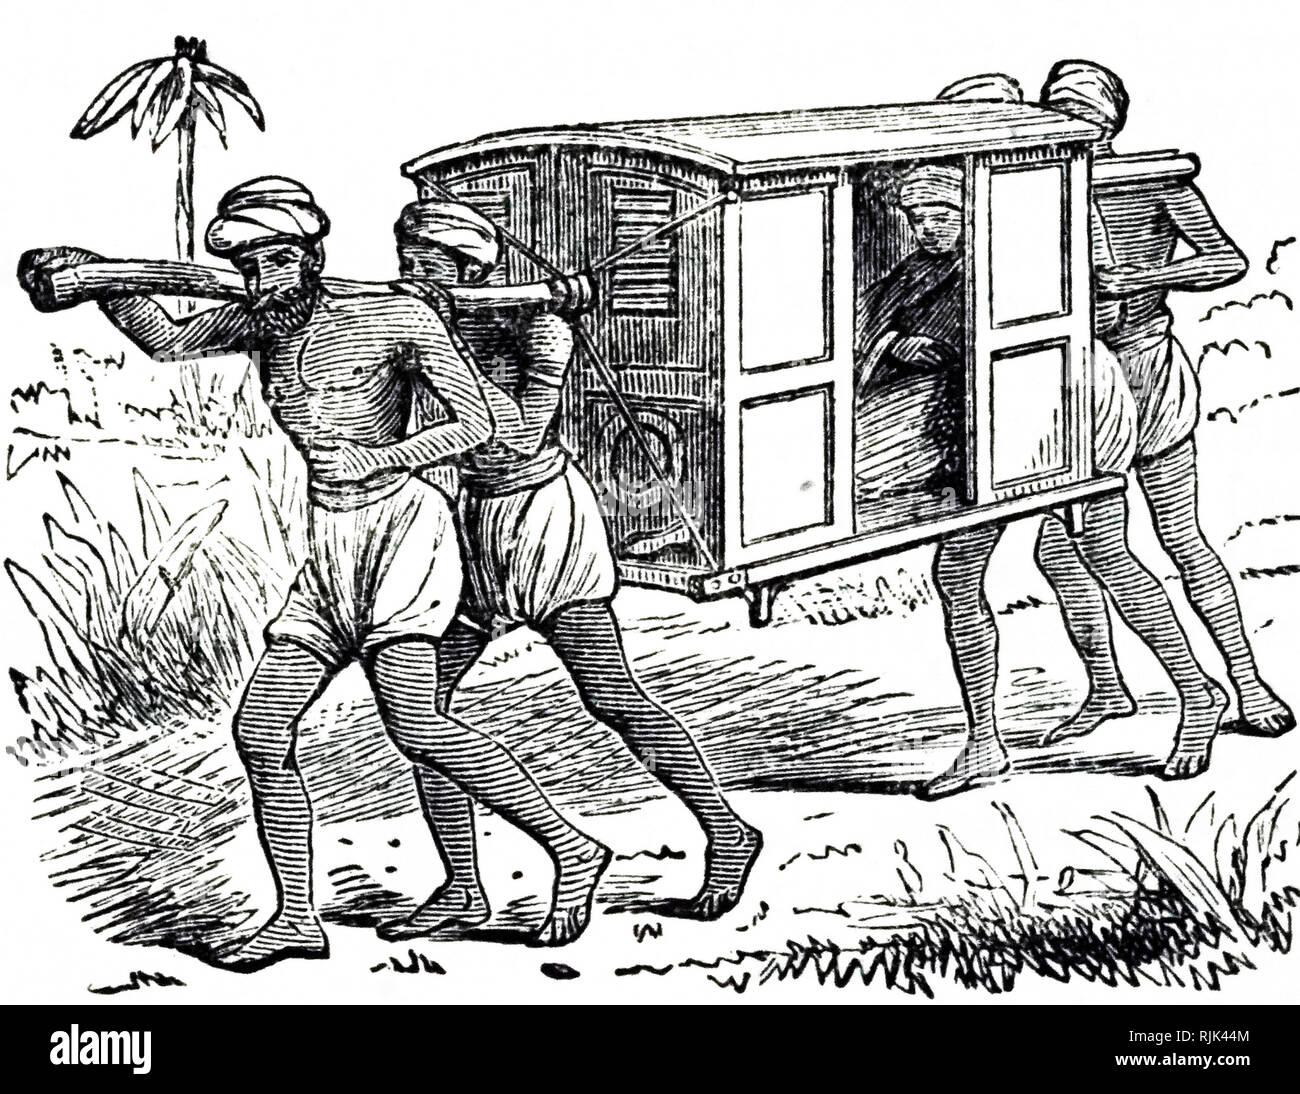 Una incisione raffigurante una figliata, una ruota inferiore veicolo che sarebbe portato da fanti. Datata del XIX secolo Immagini Stock